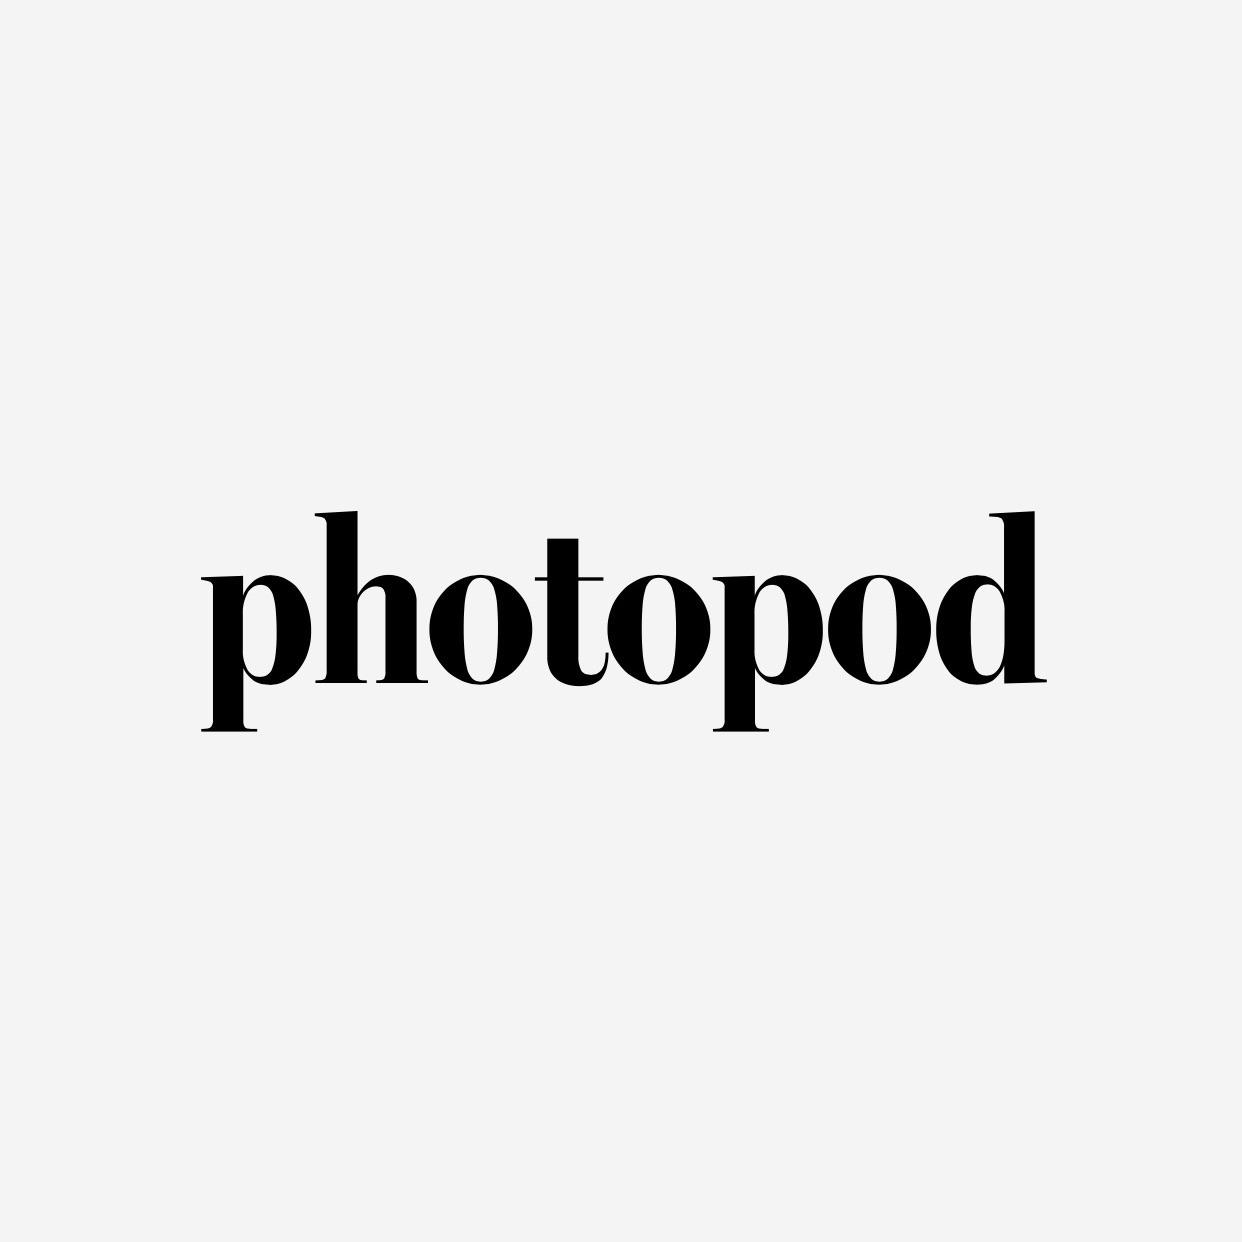 photopod_neil_binkley.jpg